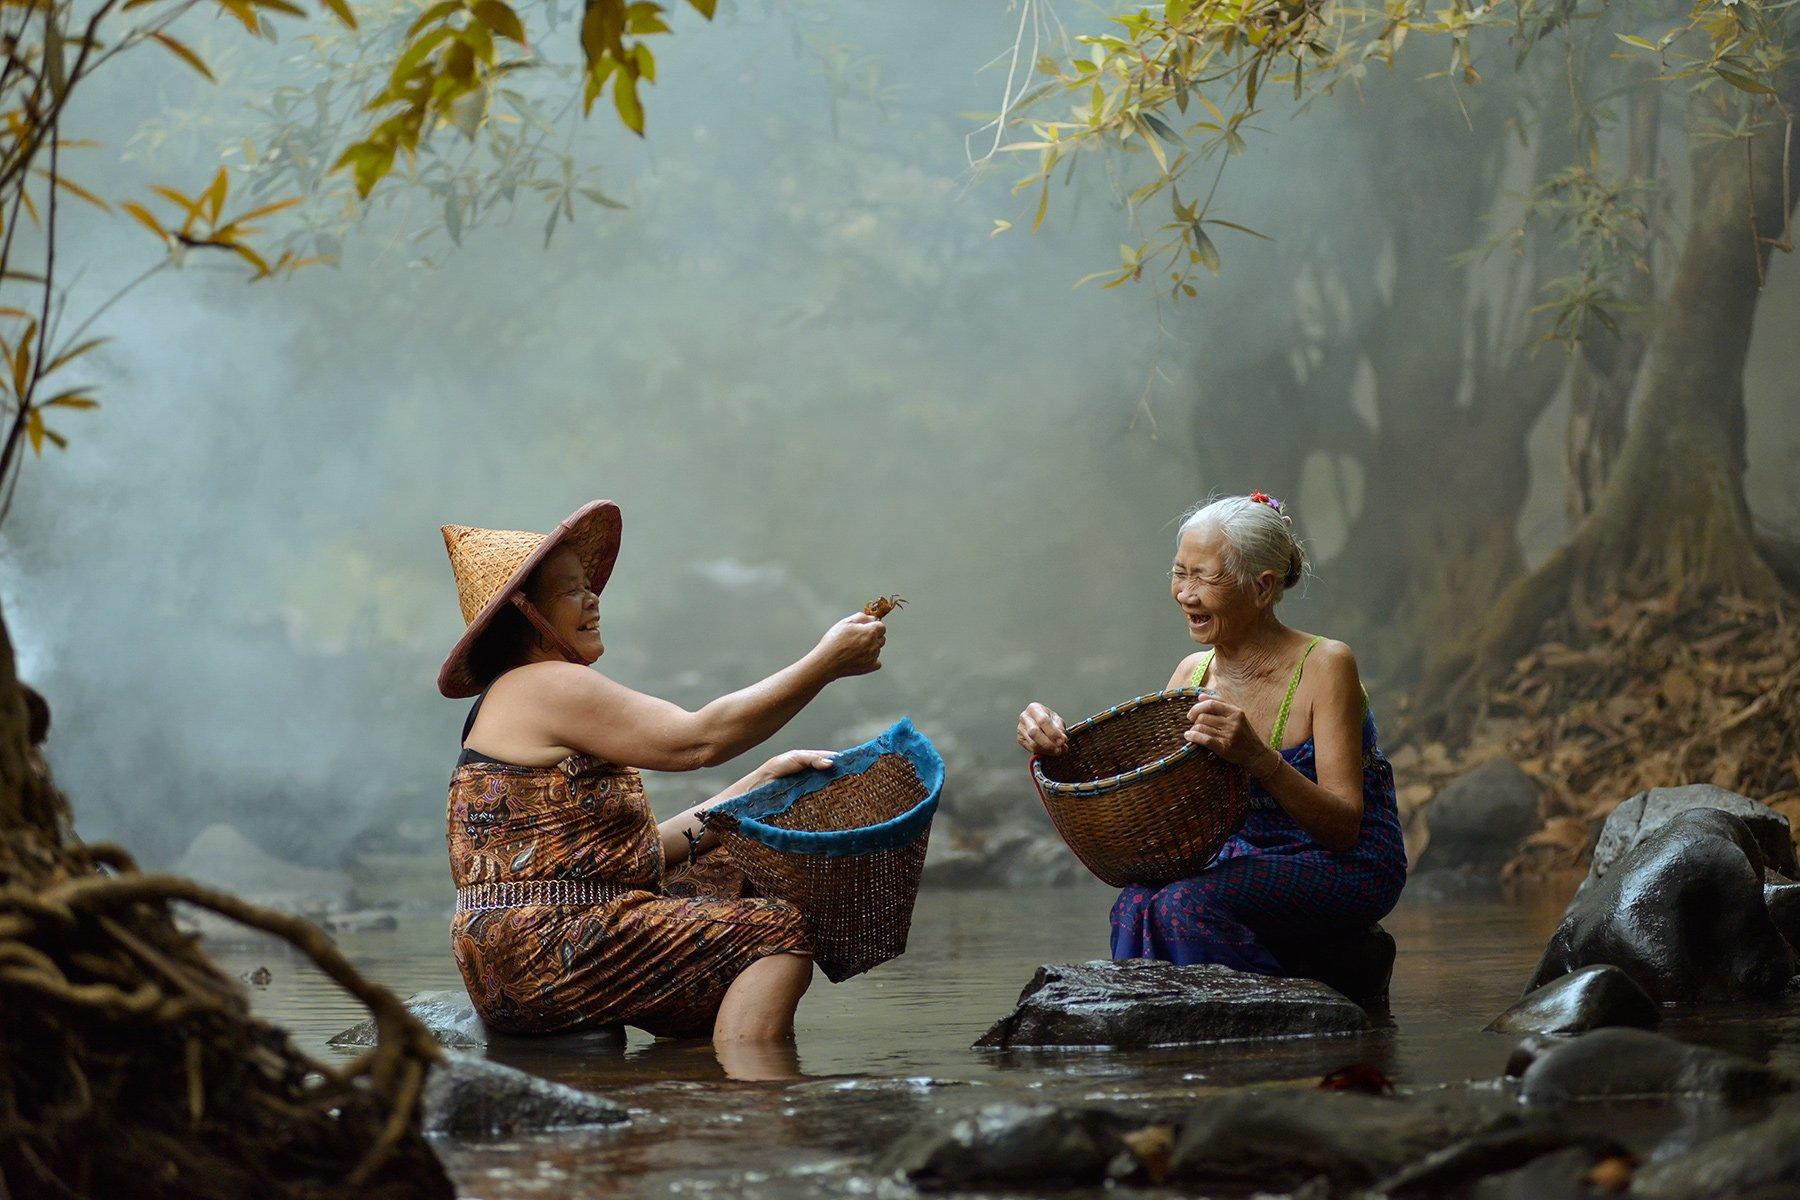 Asia, Asian, China, Life, Thai, Thailand, Saravut Whanset